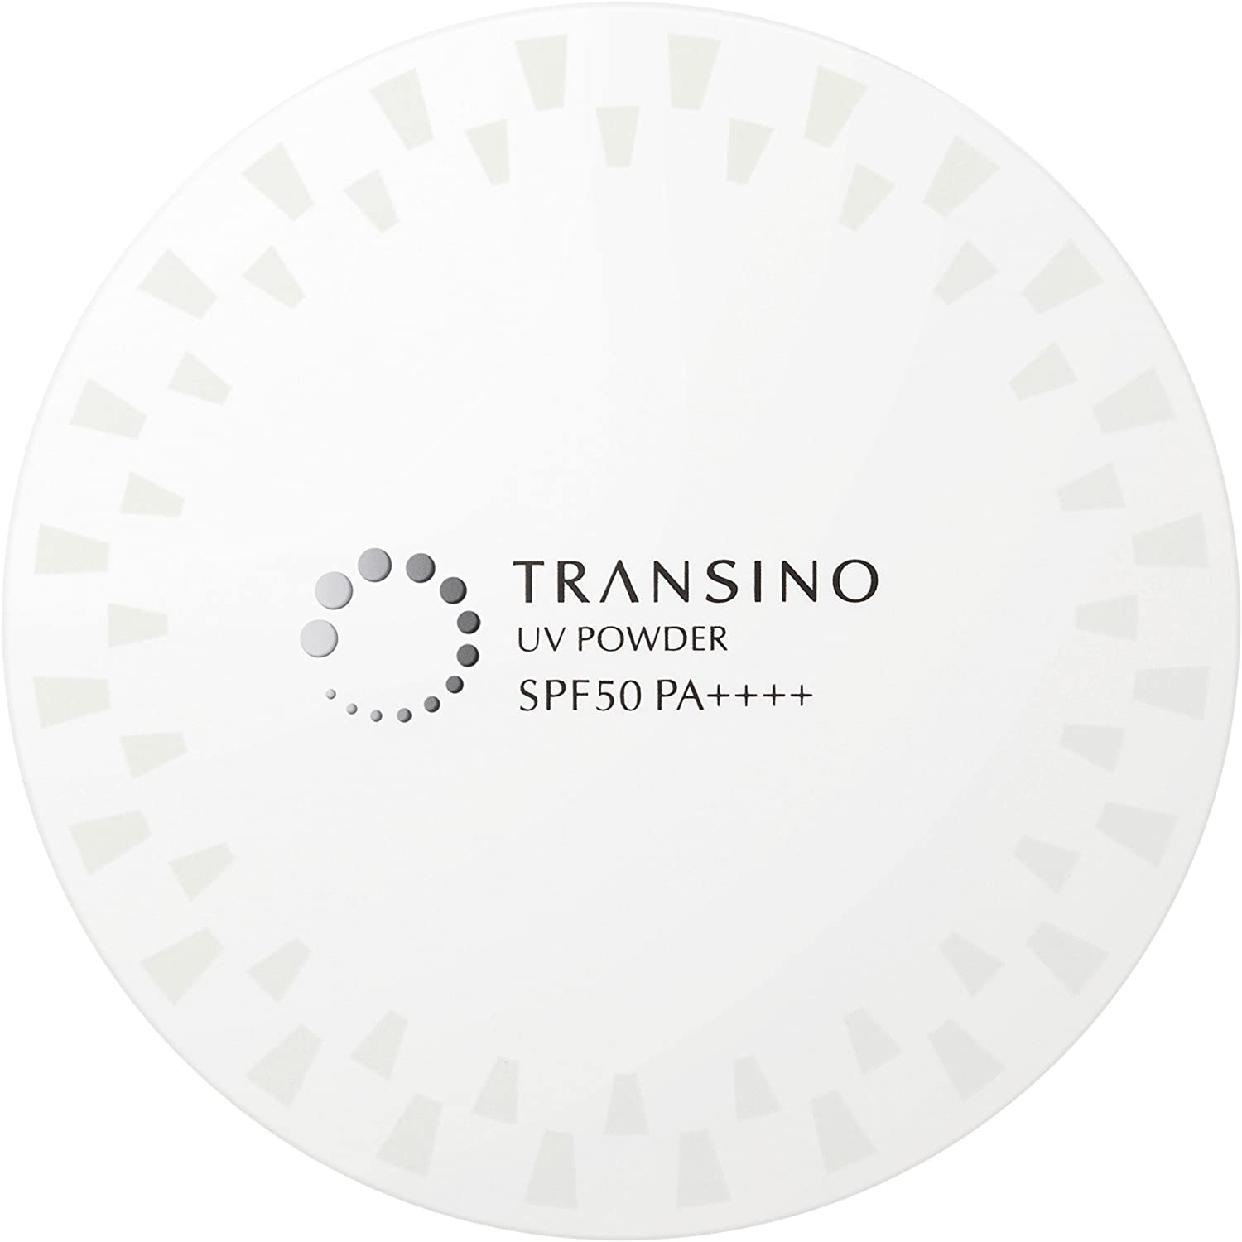 TRANSINO(トランシーノ) 薬用UVパウダーnの商品画像2